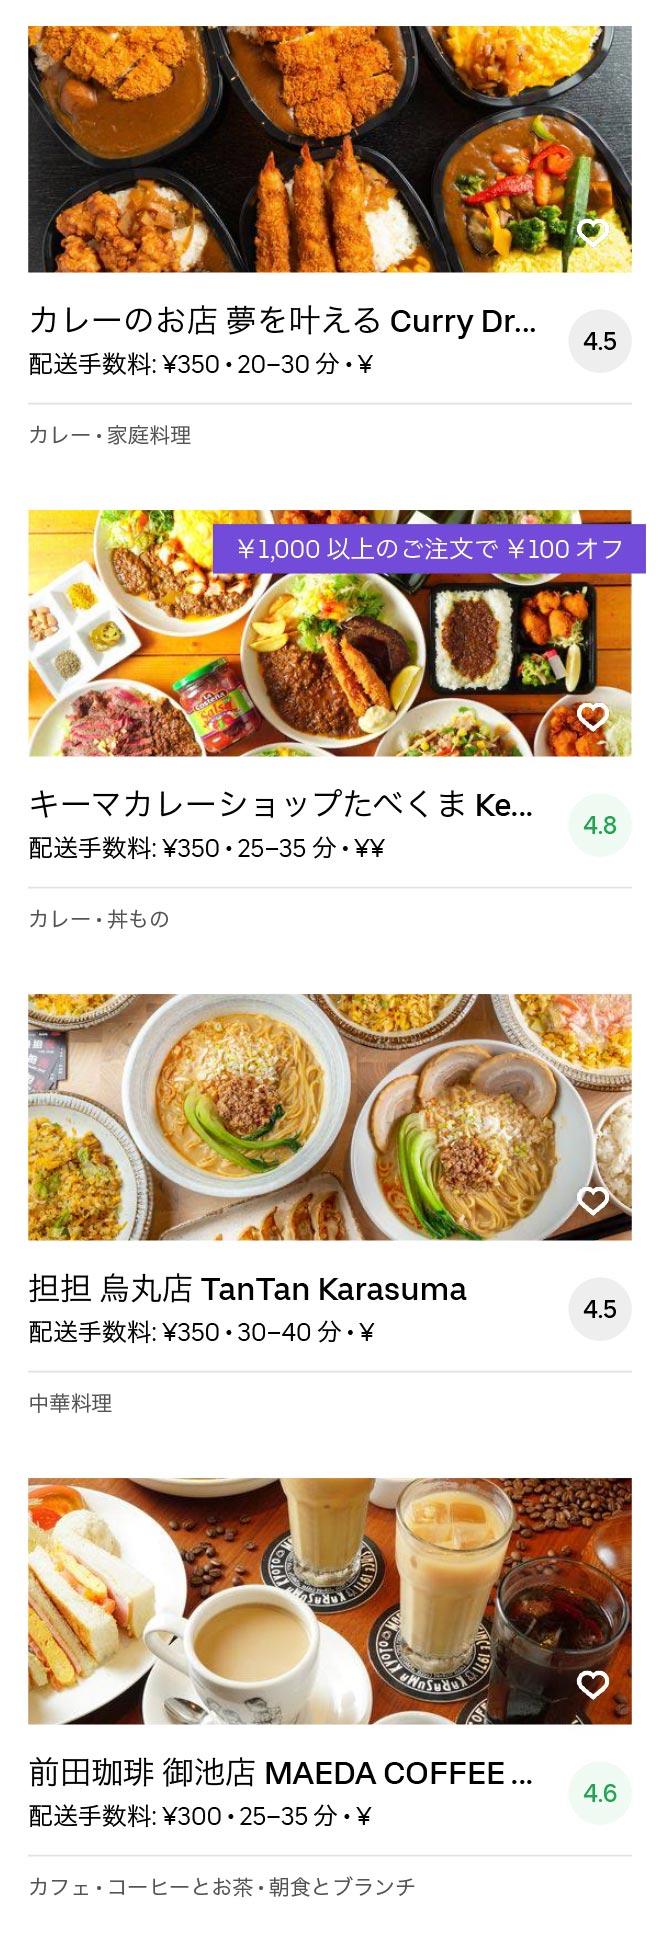 Kyoto nishioji menu 2005 10